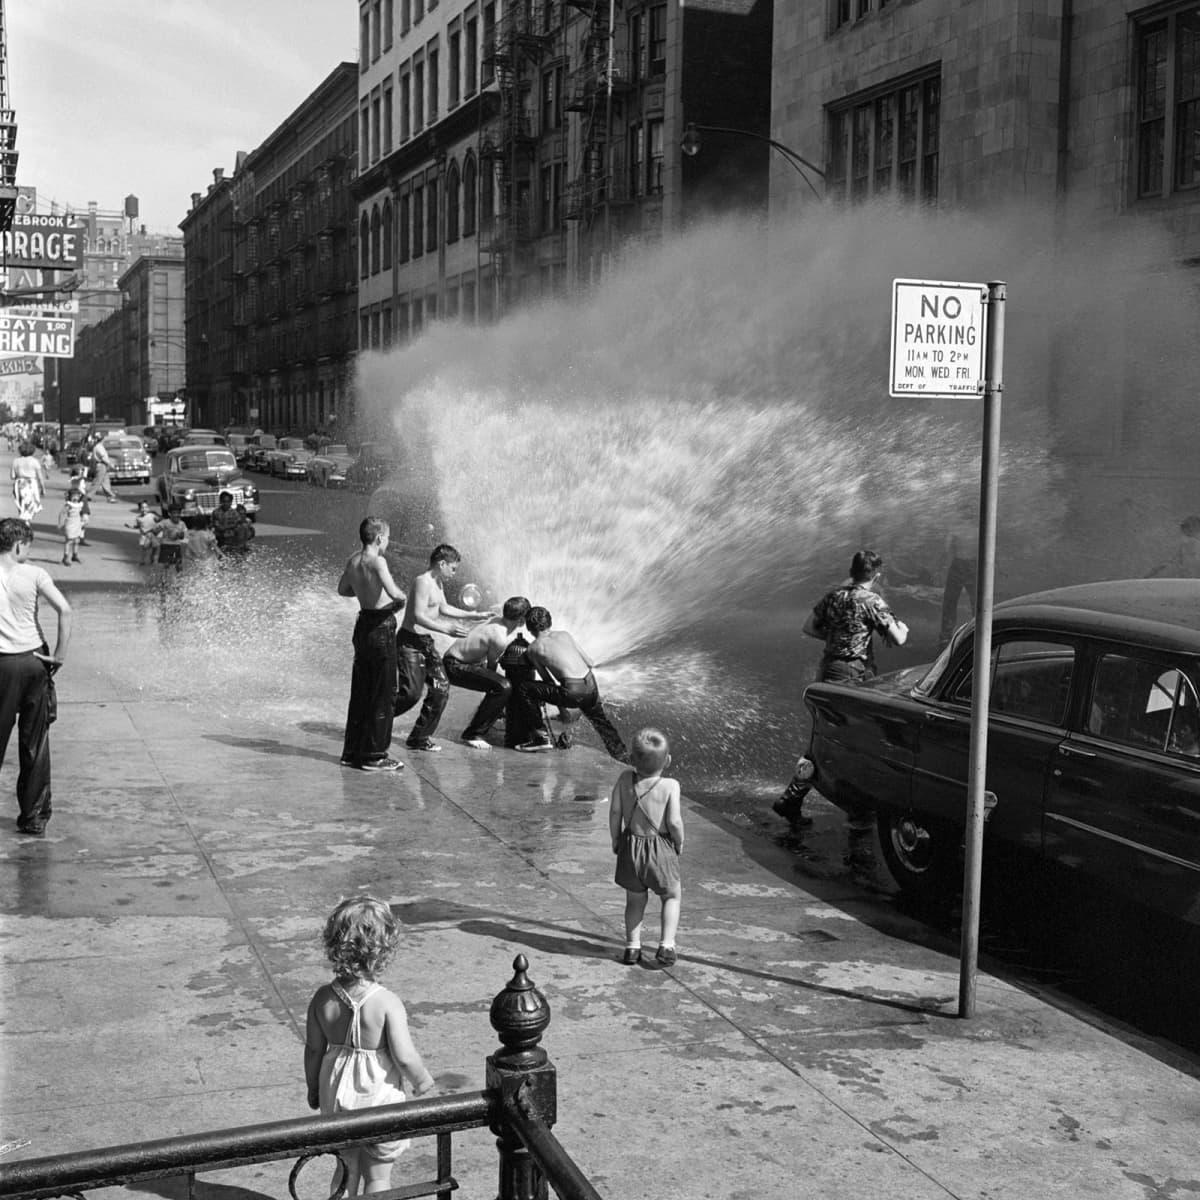 Lapset suihkuttavat vettä palopostista kadulla.